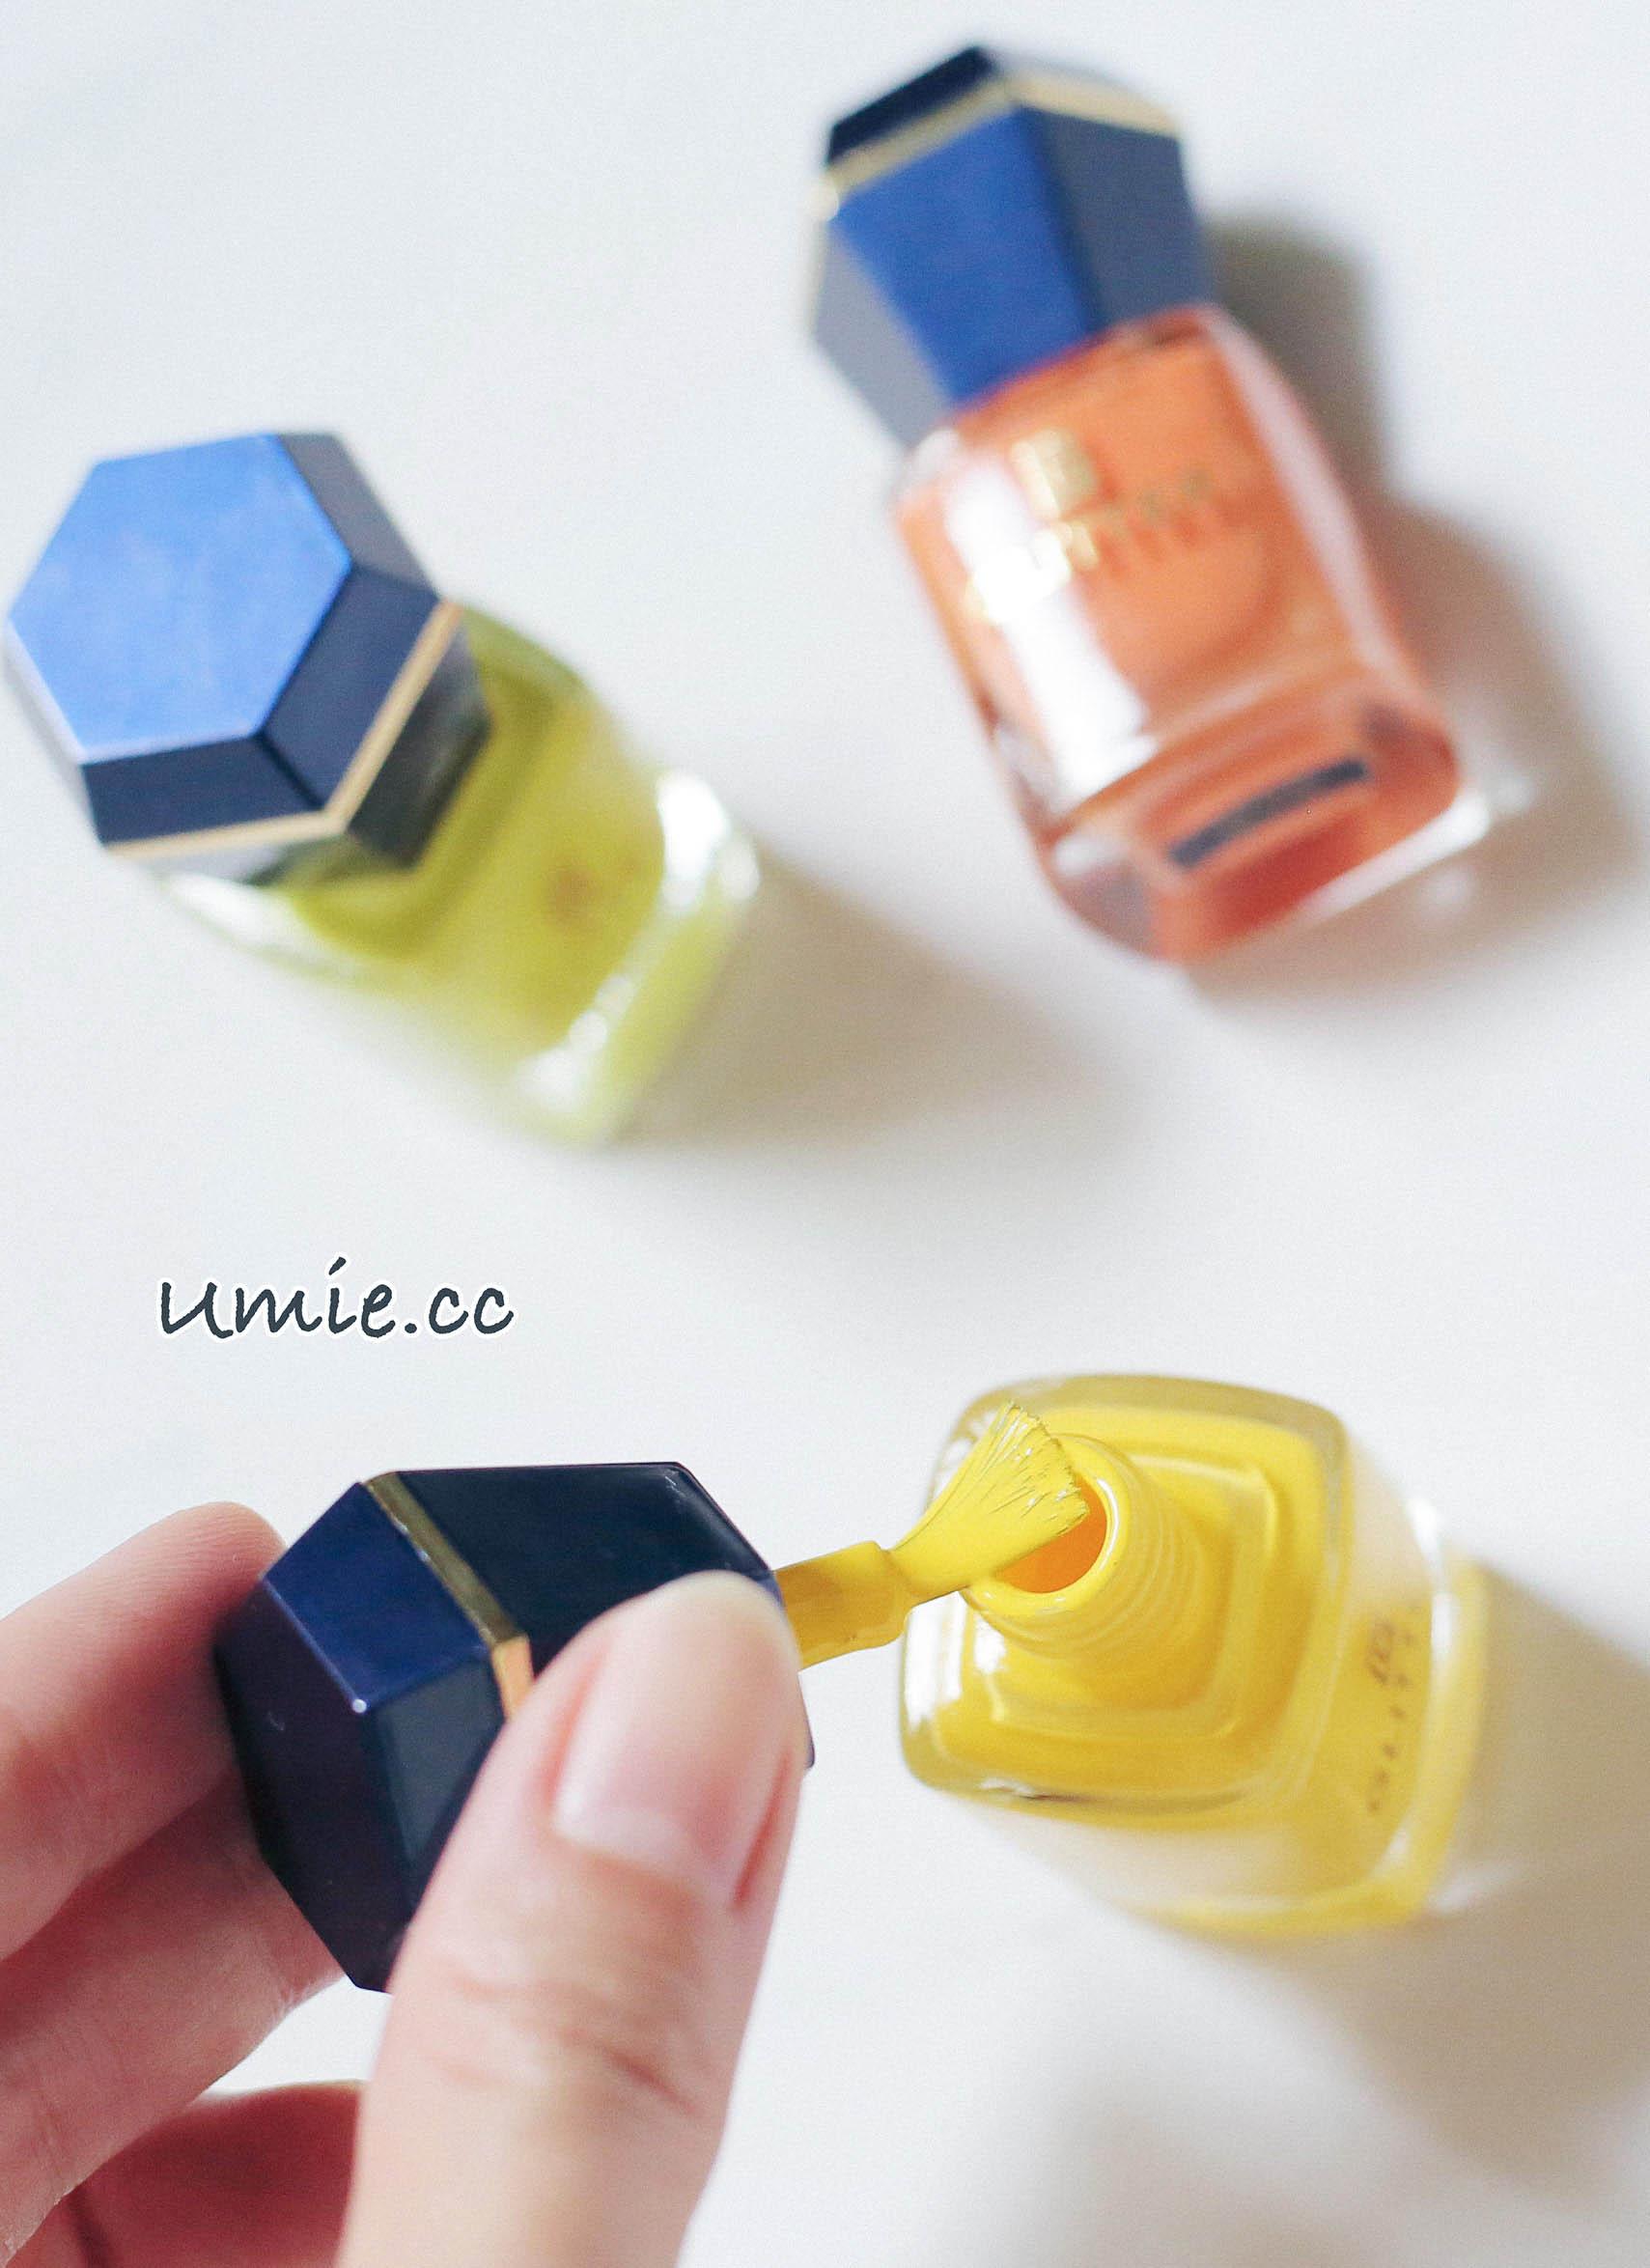 居家凝膠美甲! 頂級環保無毒 GLITTER 格麗特指甲油、凝膠團購來了!孕婦、小孩都可使用!超豪華 18 色試色!